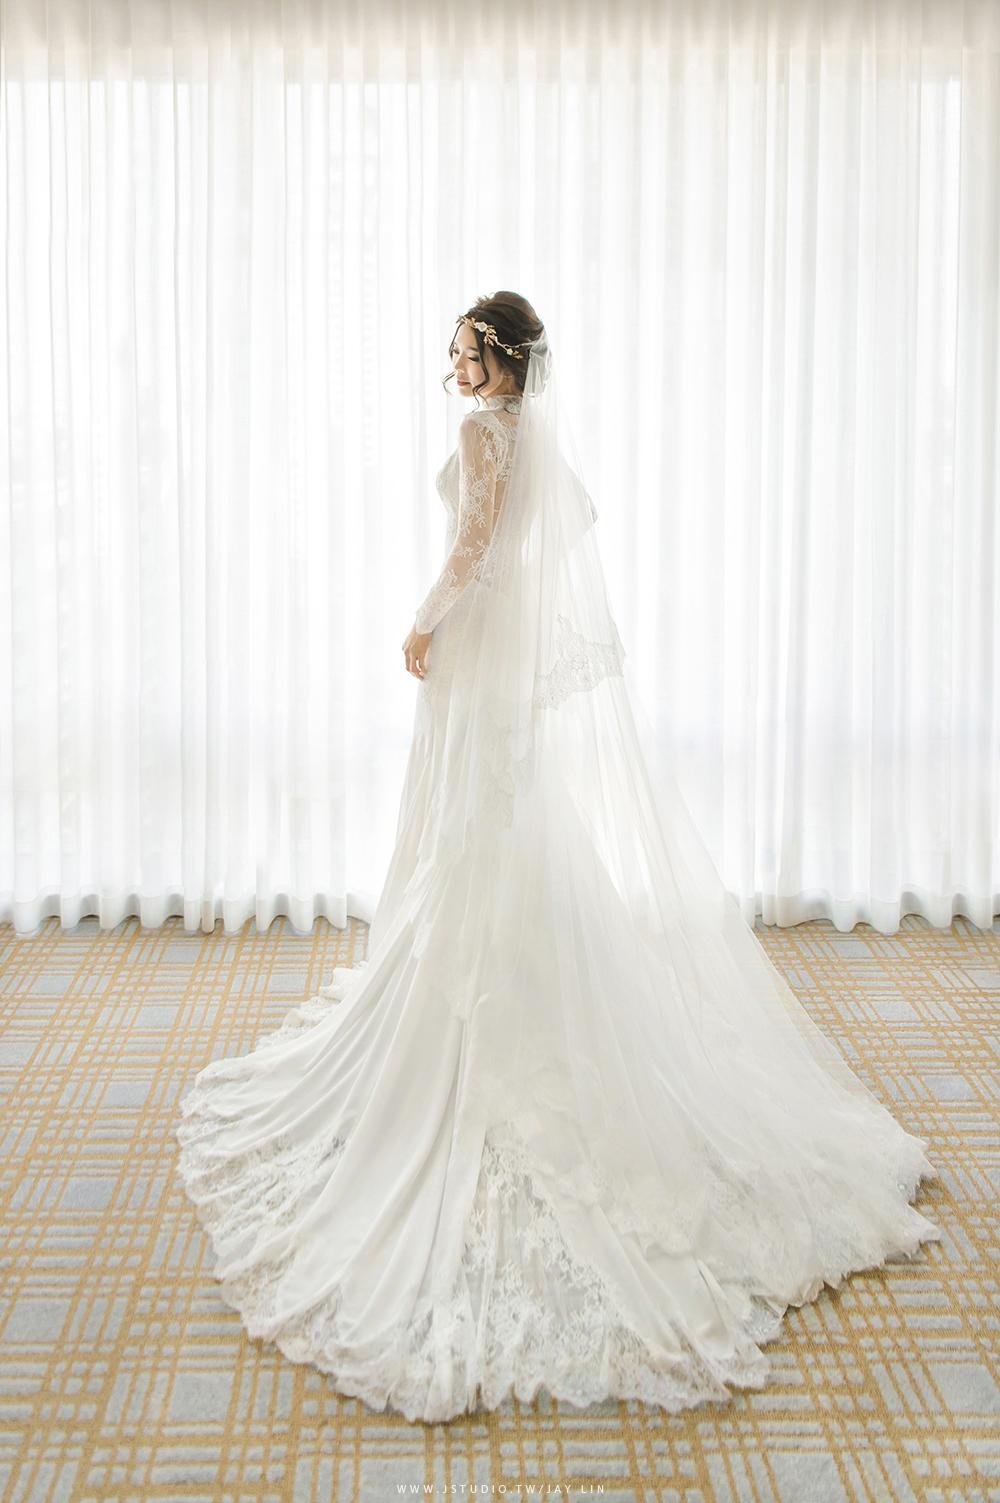 臺北萬豪酒店   推薦婚攝   戶外證婚   臺北婚攝   婚攝樂傑